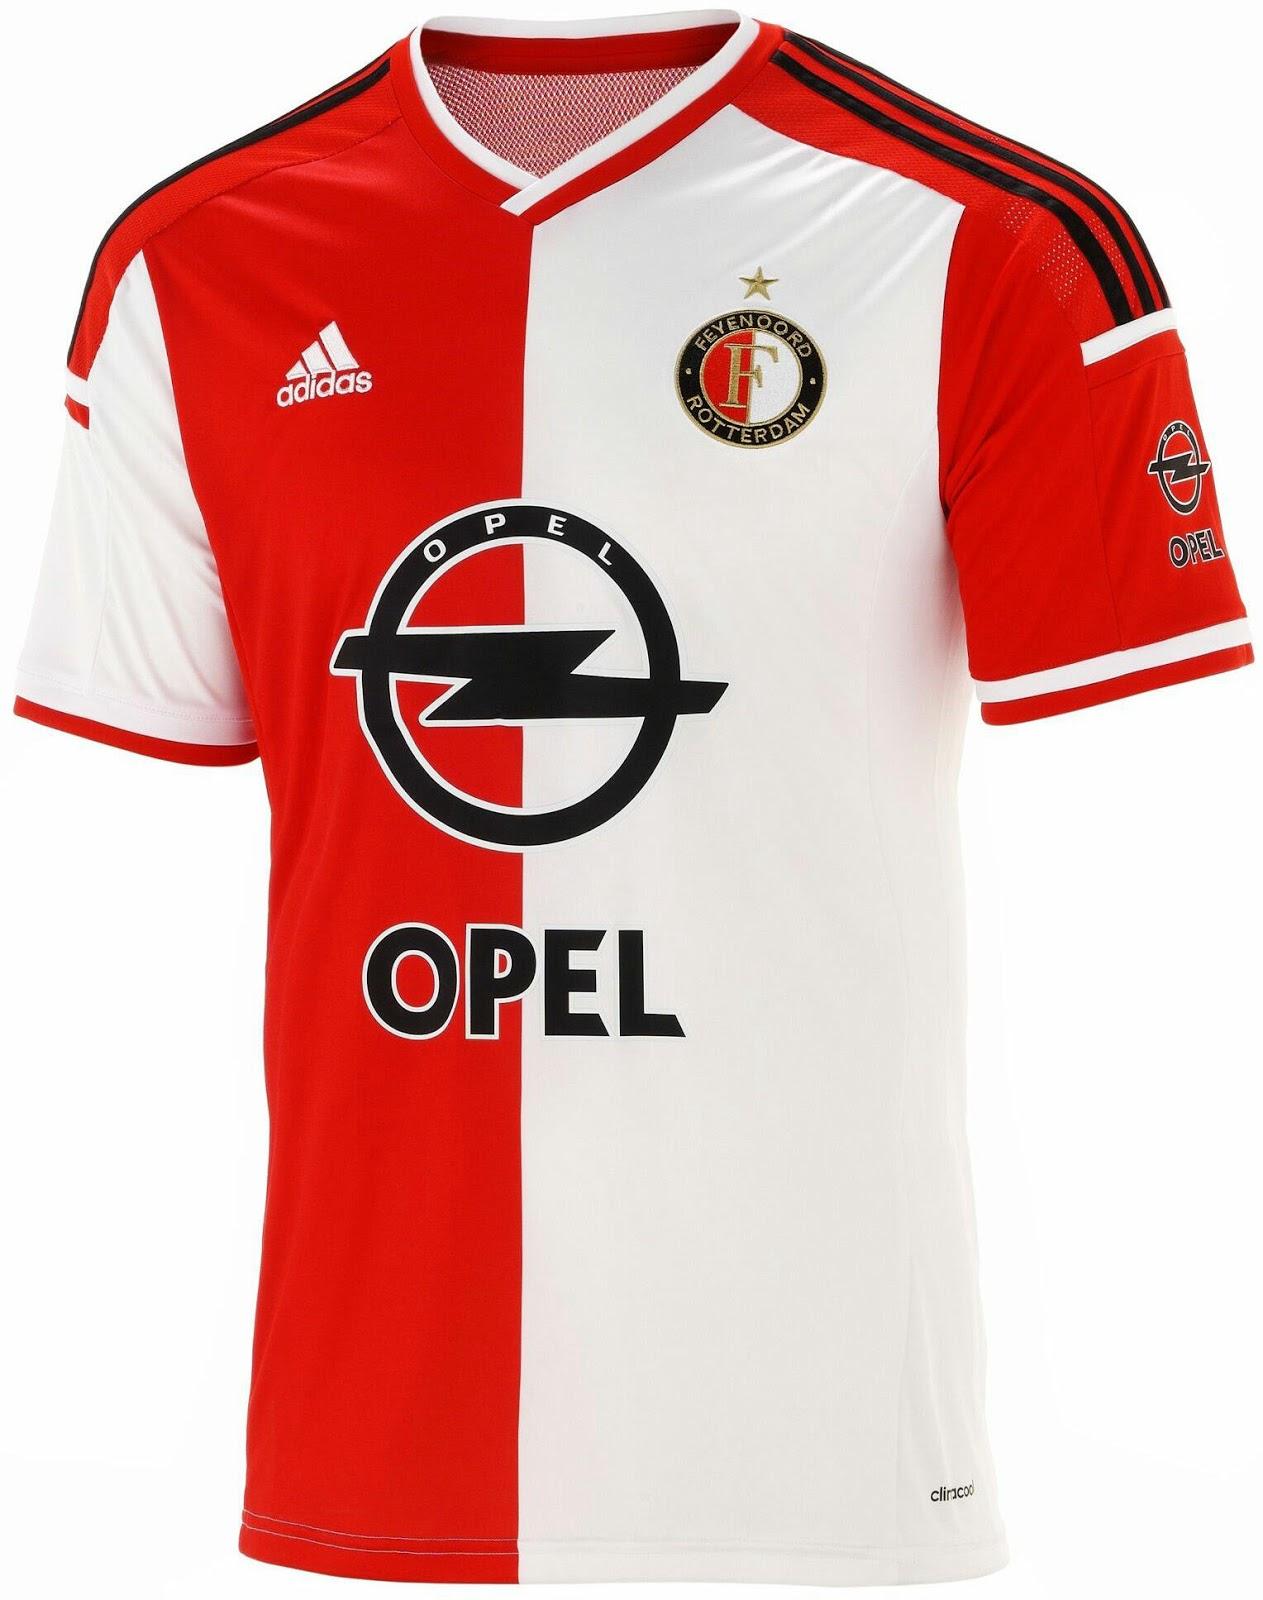 http://1.bp.blogspot.com/-ugSS3ngBz2U/U6p1rLeBJUI/AAAAAAAARxM/C8-pT_oyR7I/s1600/Feyenoord-14-15-Home-Kit-3.jpg